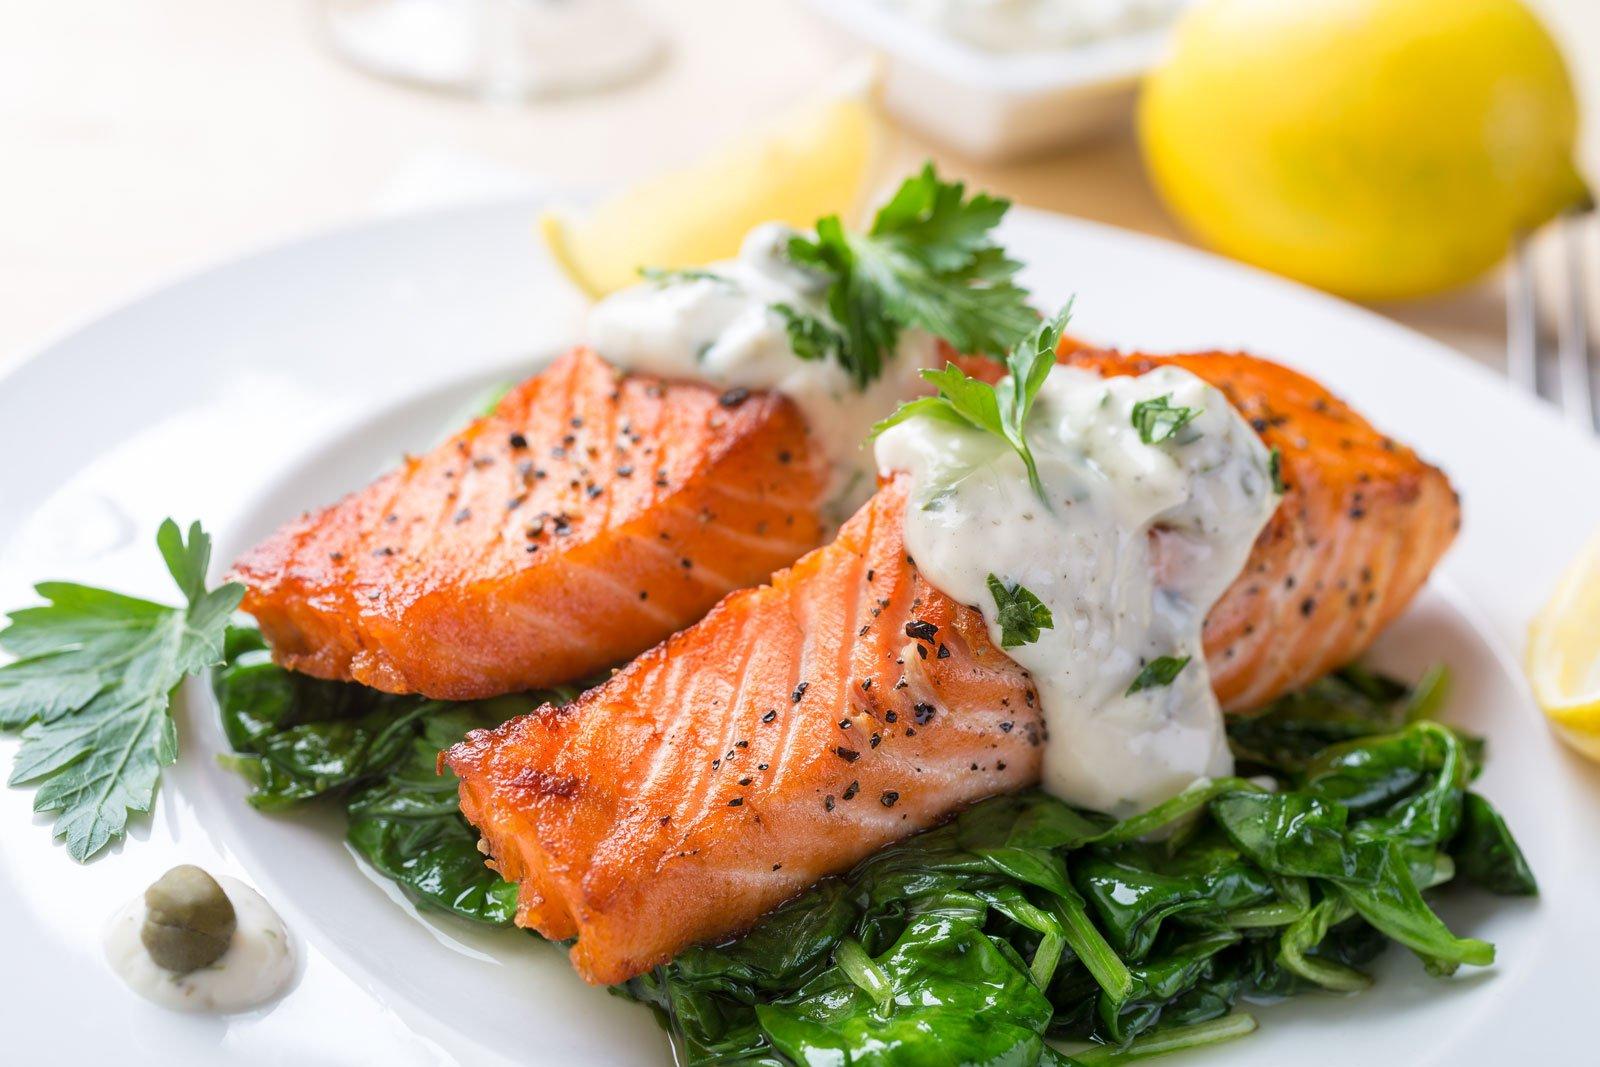 Bistecca di salmone alla griglia con spinaci